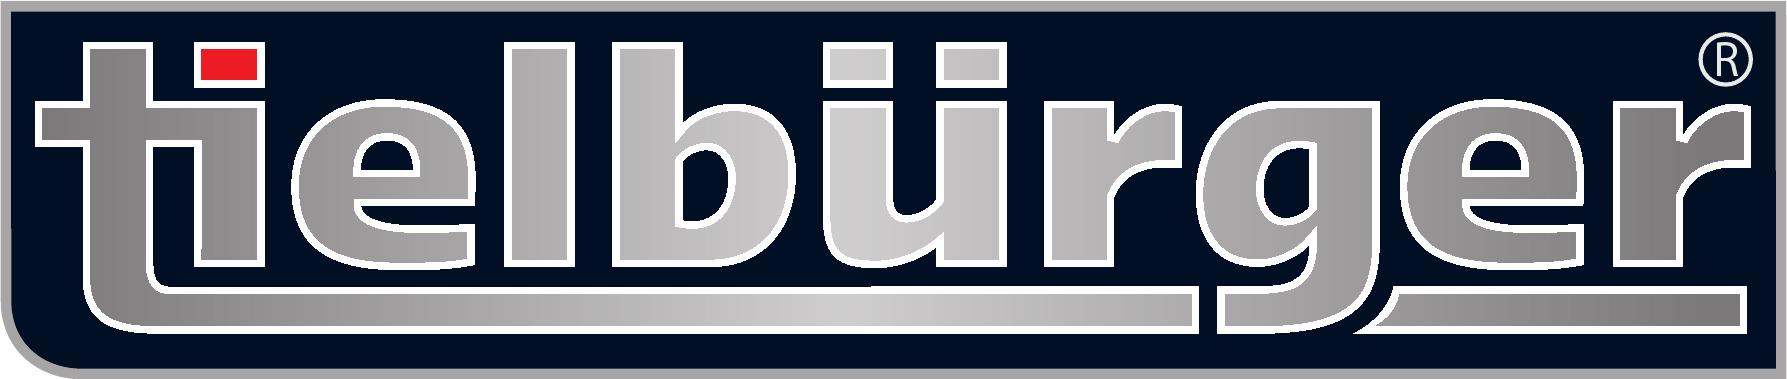 Tielbuerger Logo